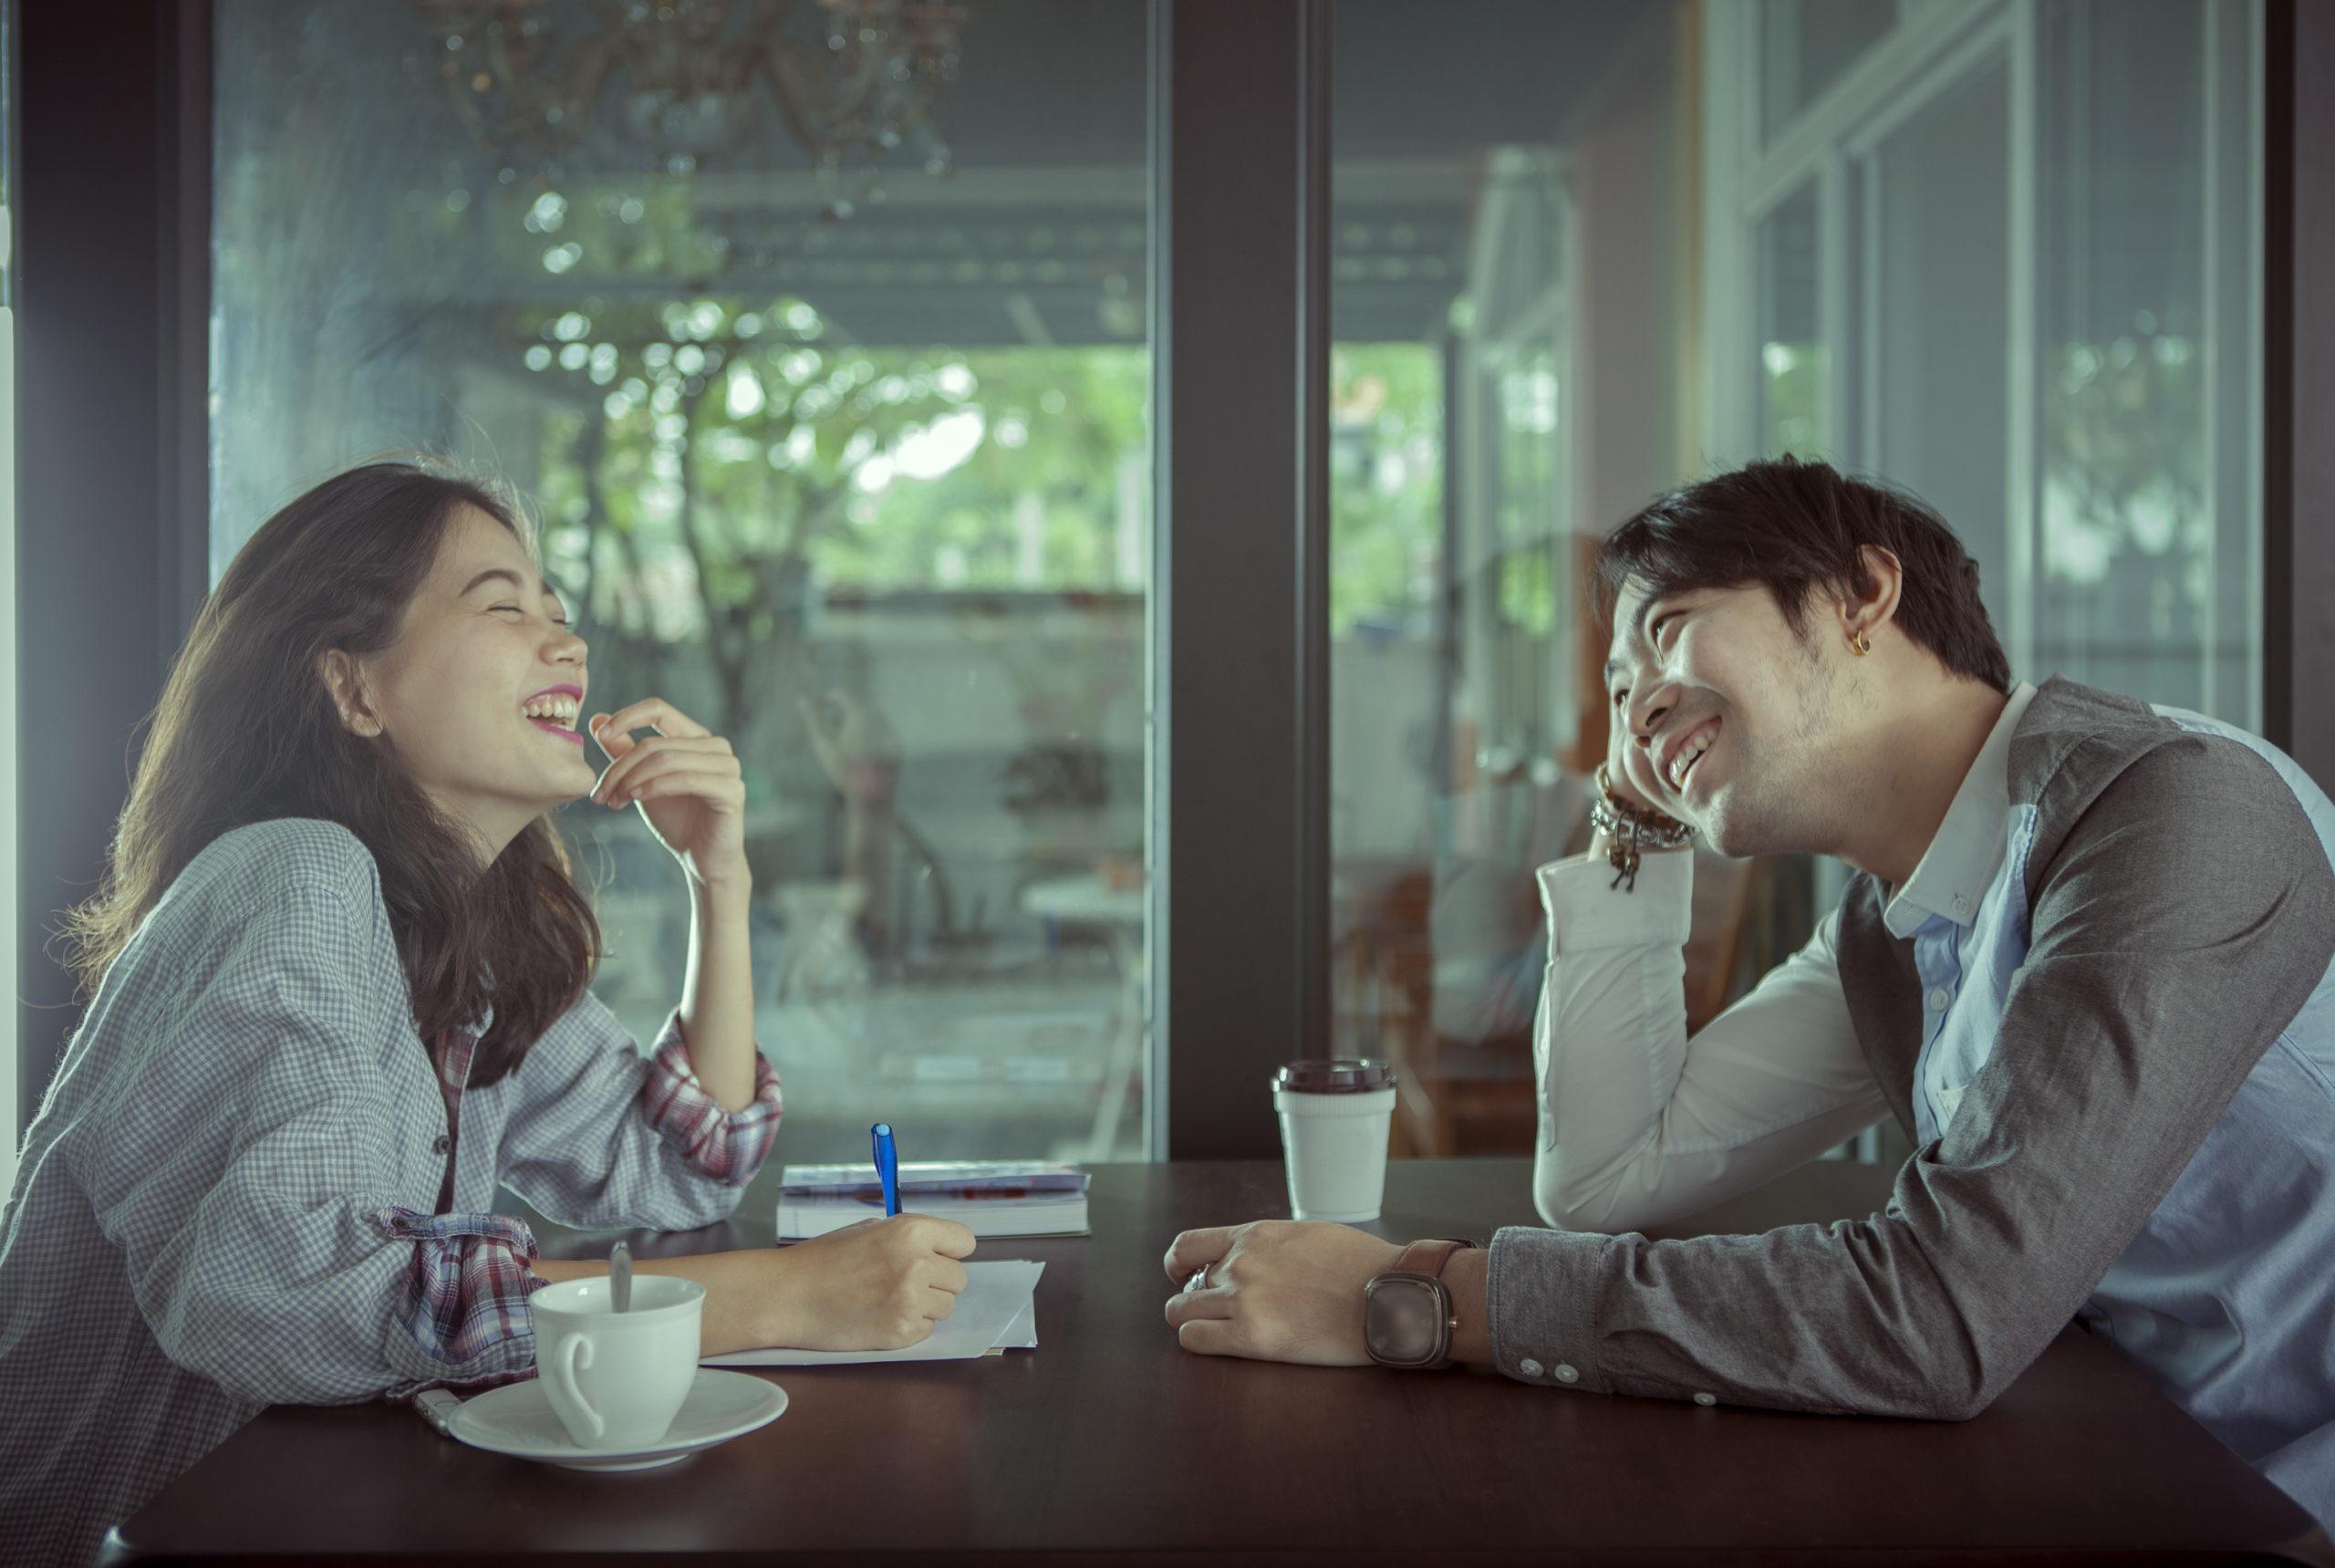 婚活は同時進行OK!複数交際のメリットと注意点 | 成婚第一主義の結婚 ...